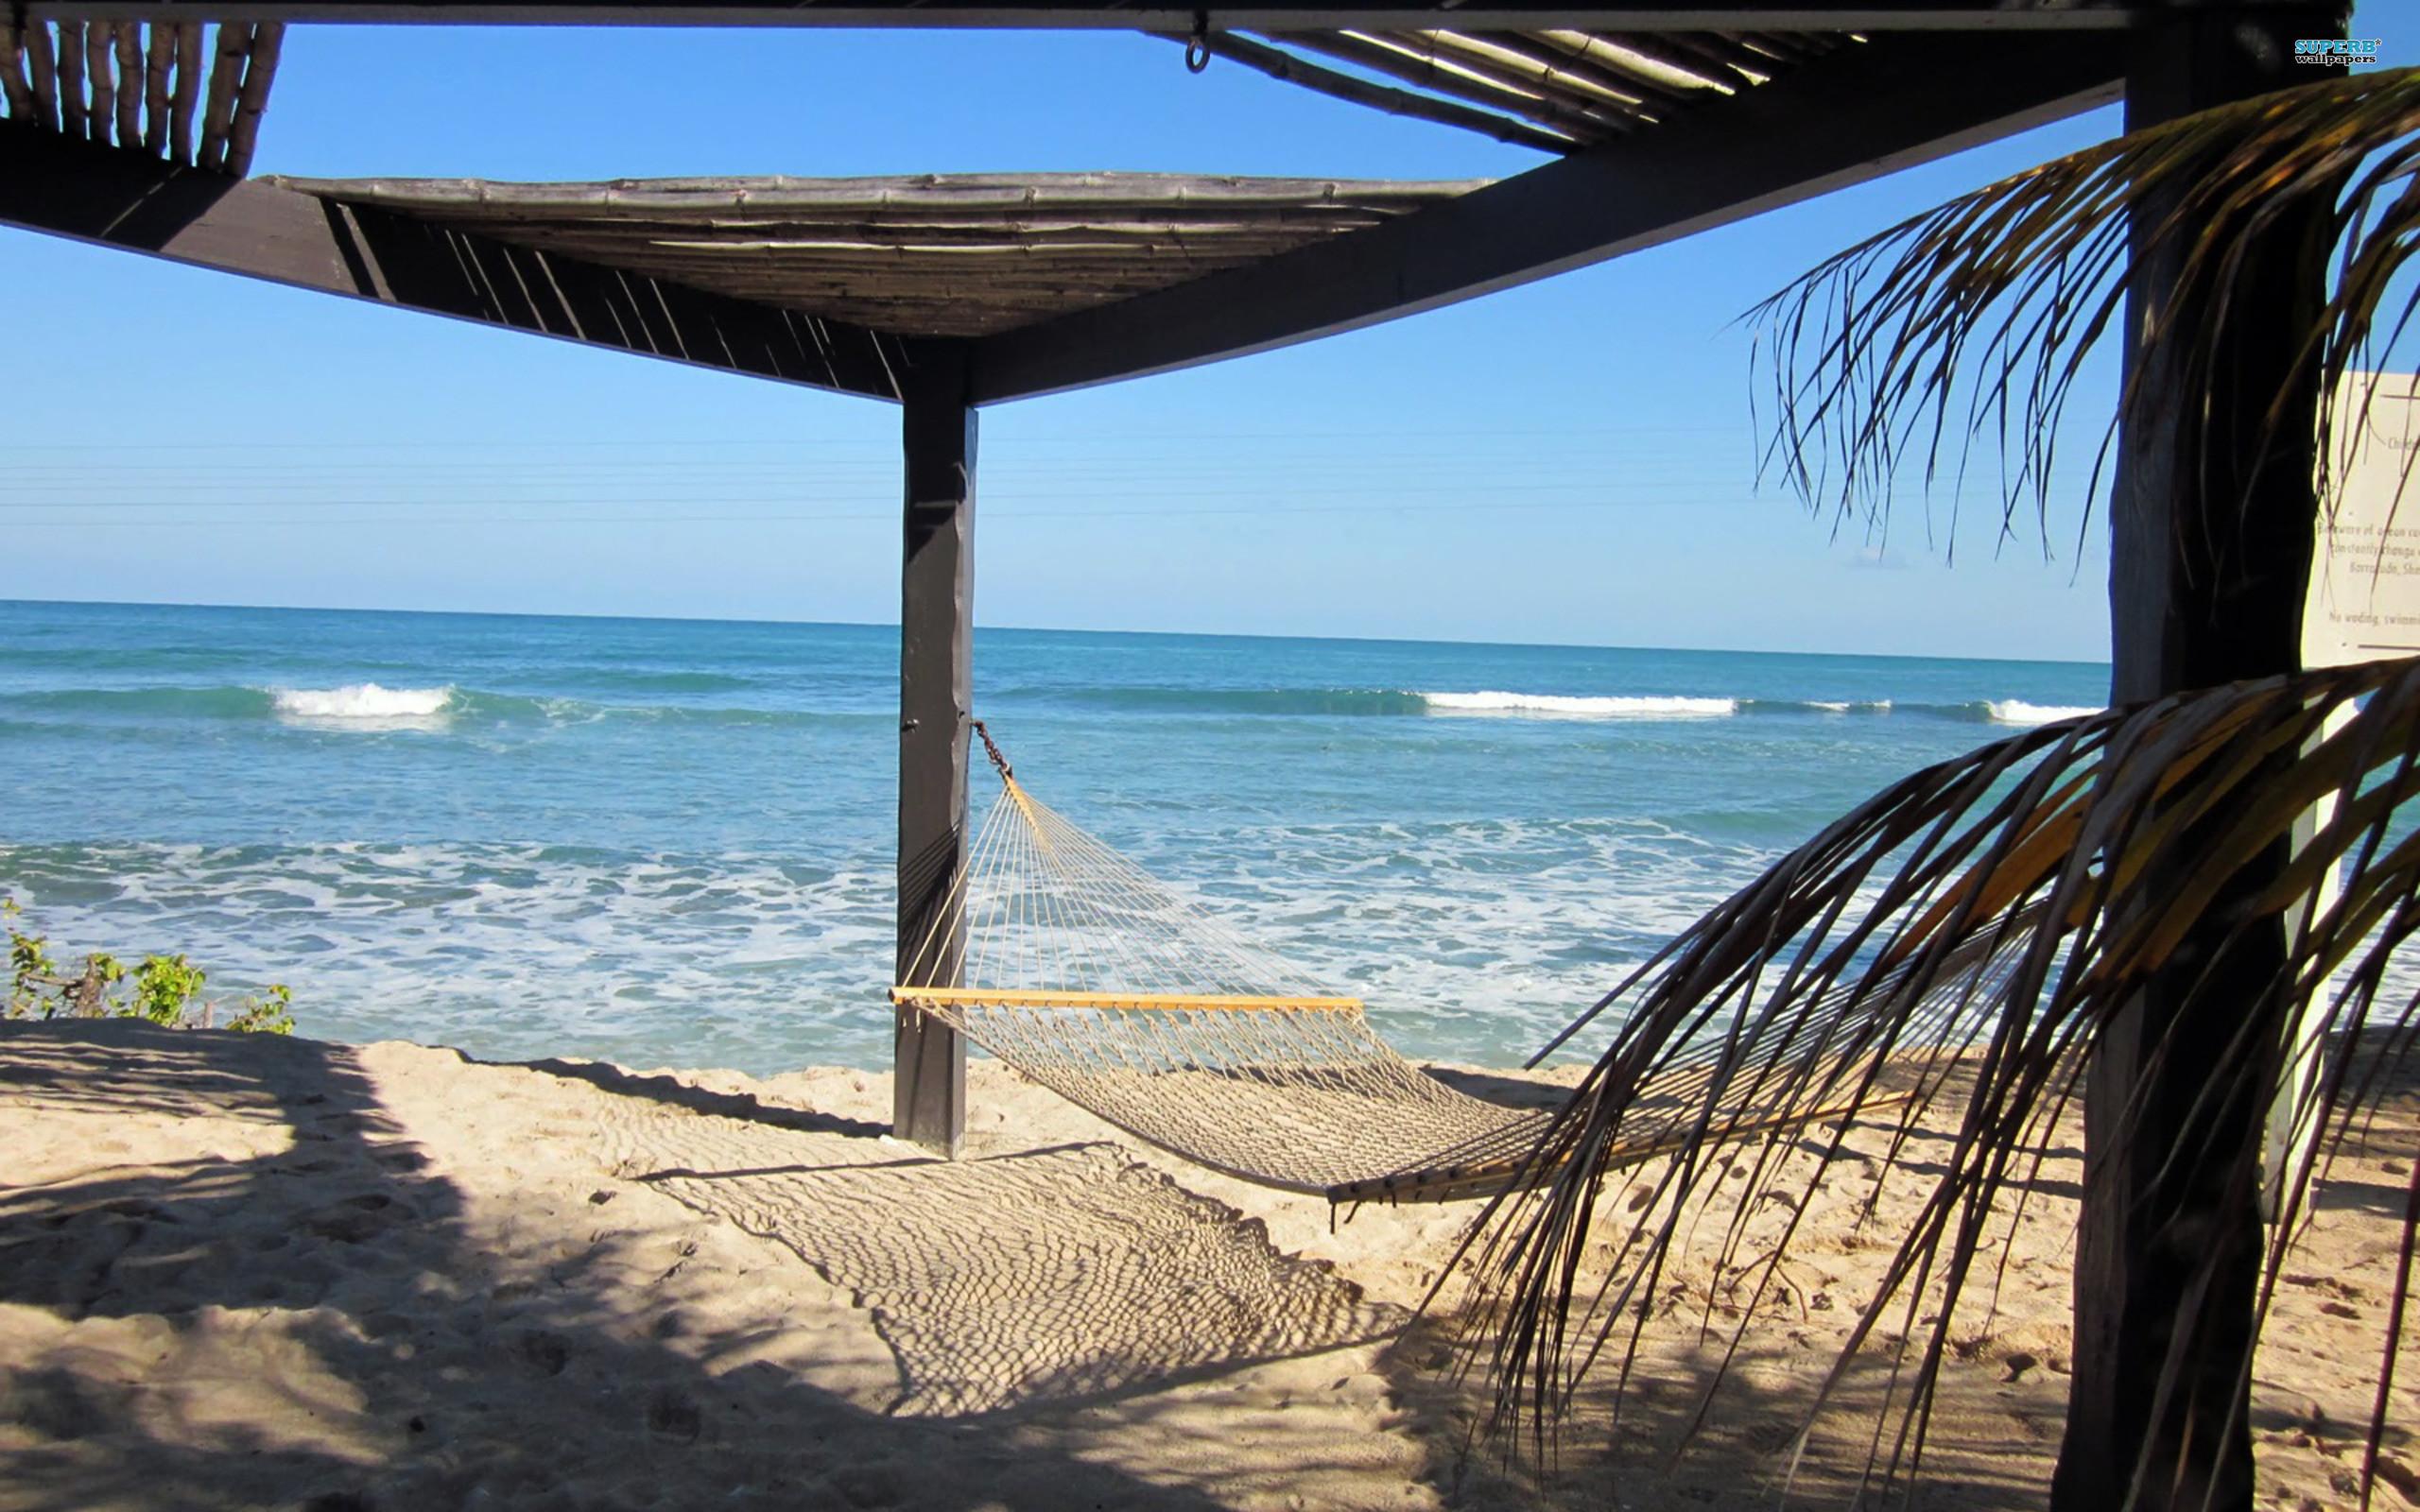 SUnny beach on Haiti